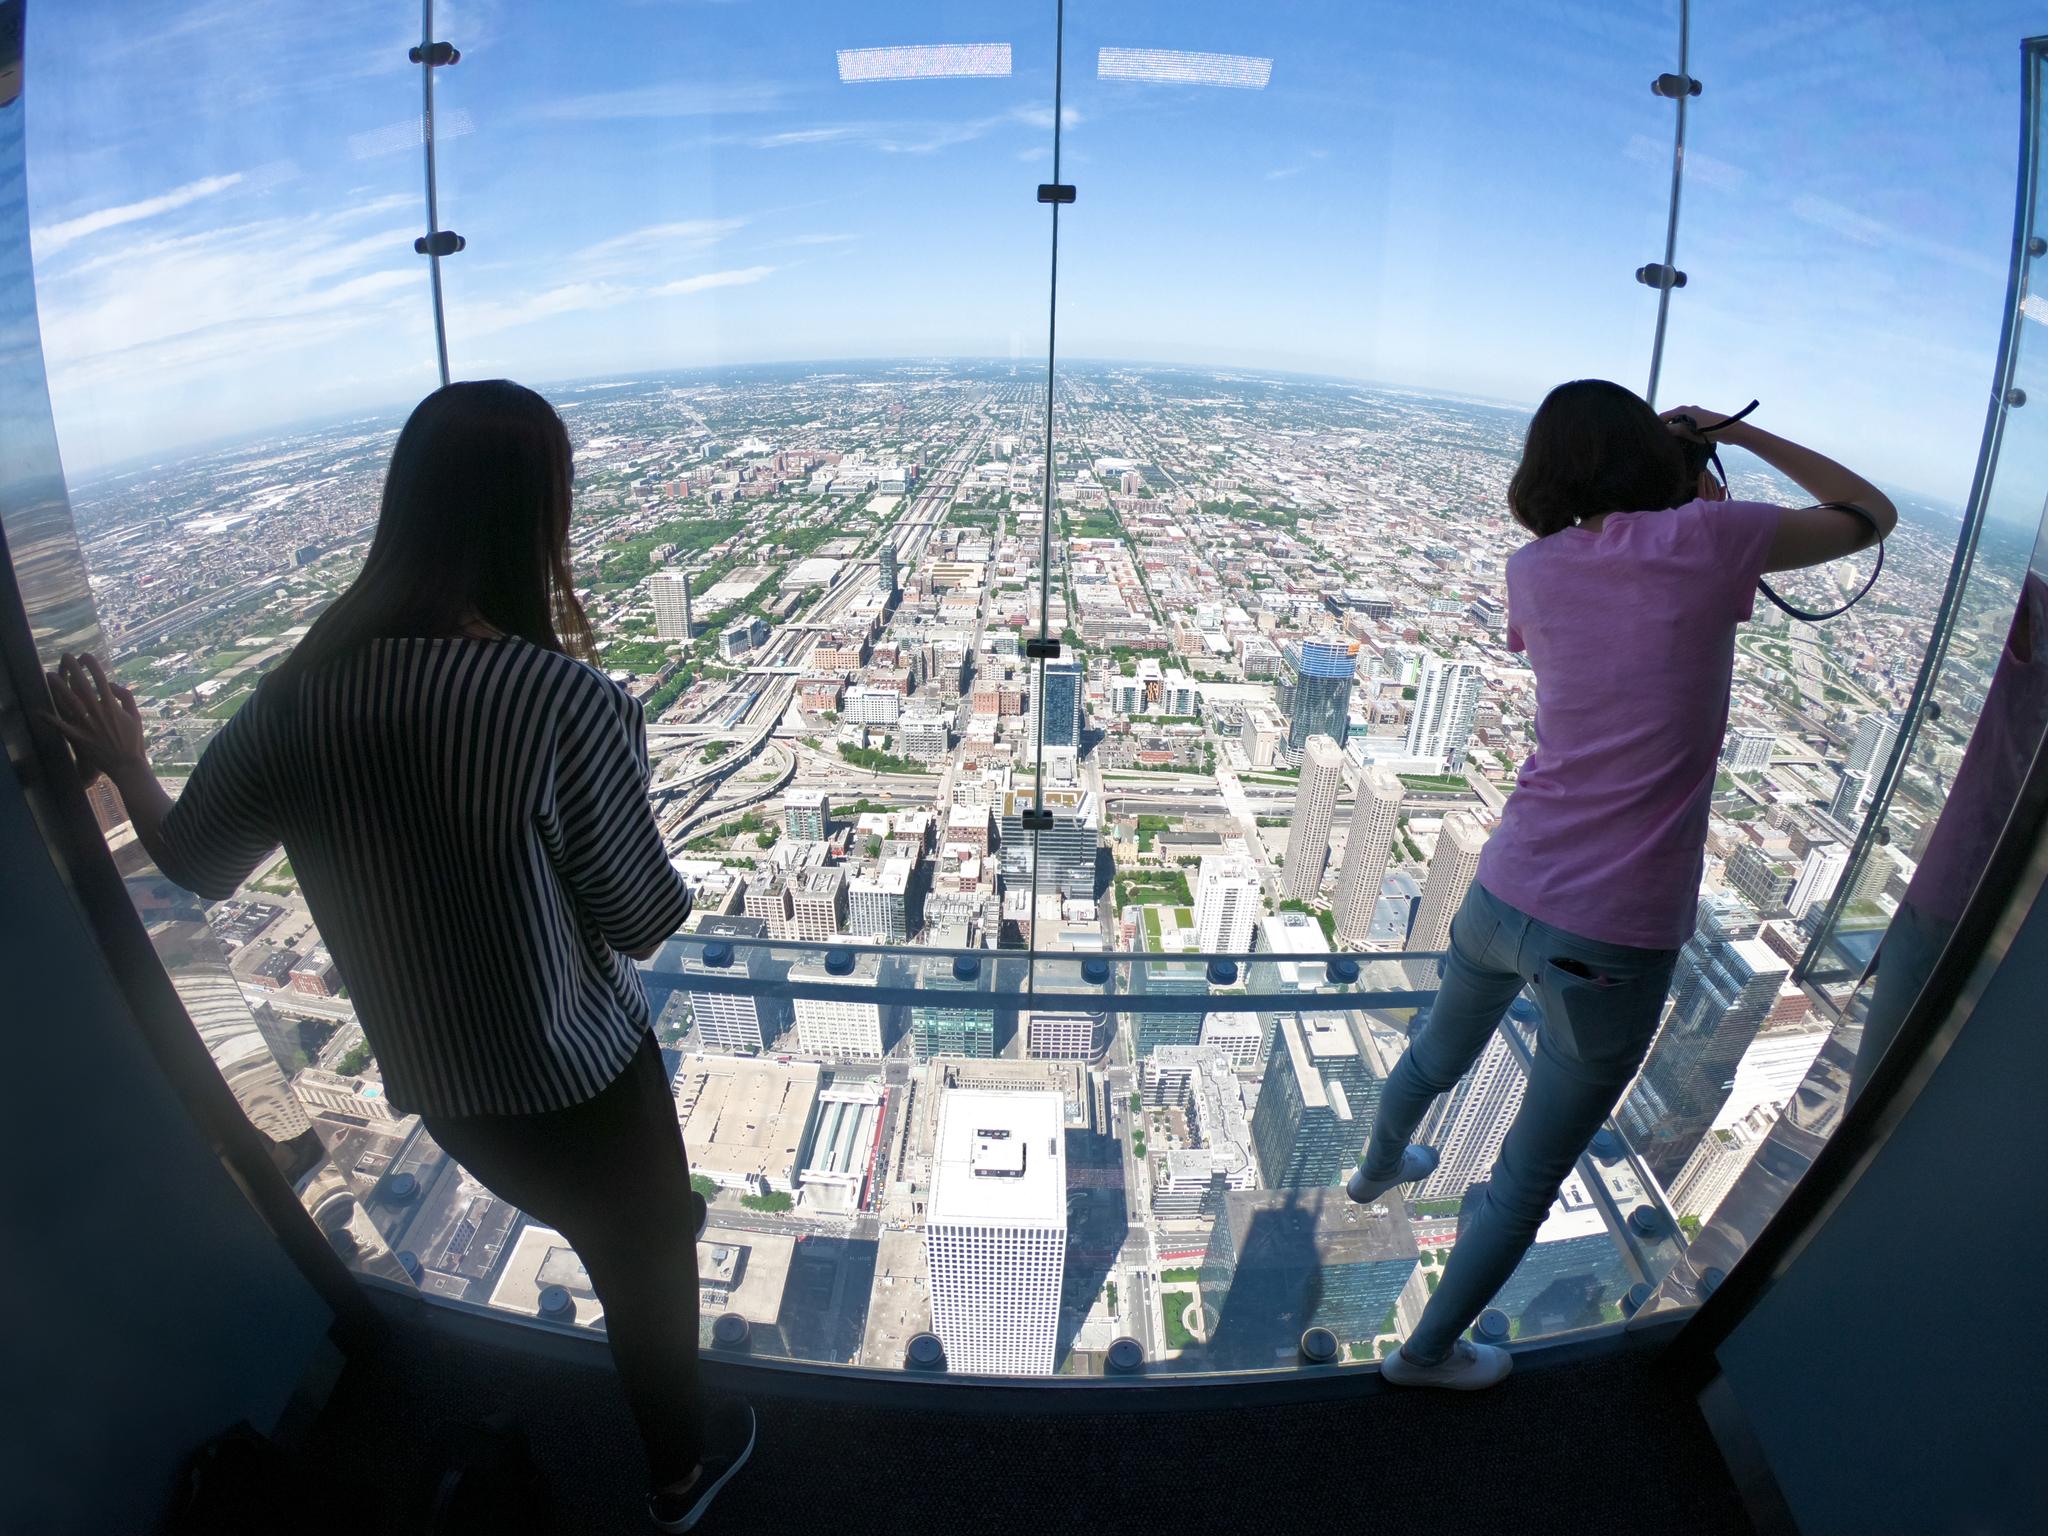 시카고는 뉴욕 못지않은 마천루의 도시다. 최고층 빌딩인 윌리스 타워 전망대 유리바닥에 서면 오금이 저릿저릿하다. 최승표 기자